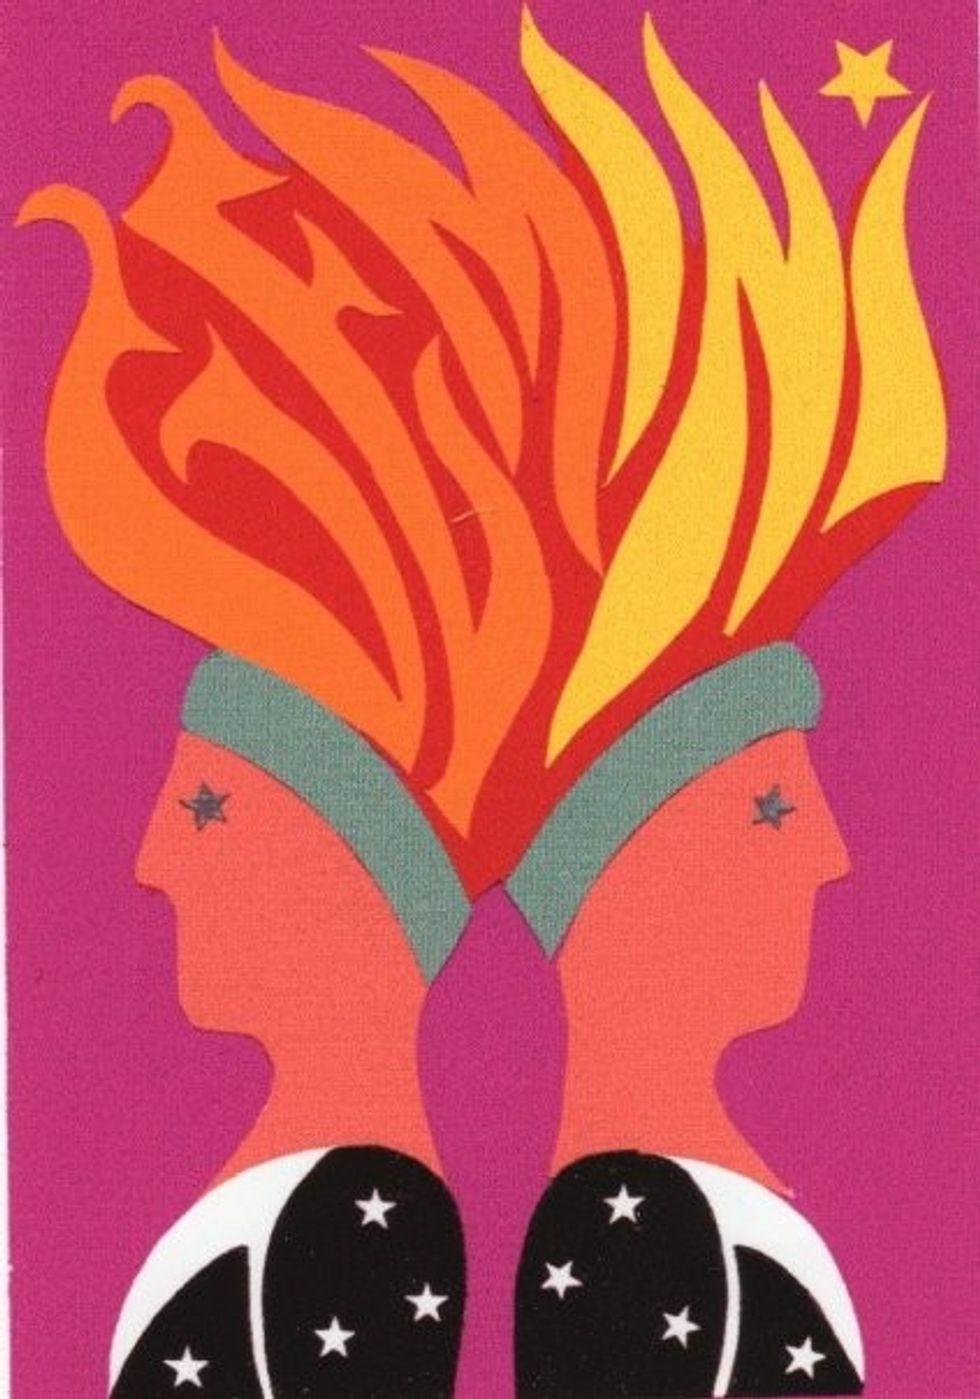 Horoscopes For Hipsters: Gemini